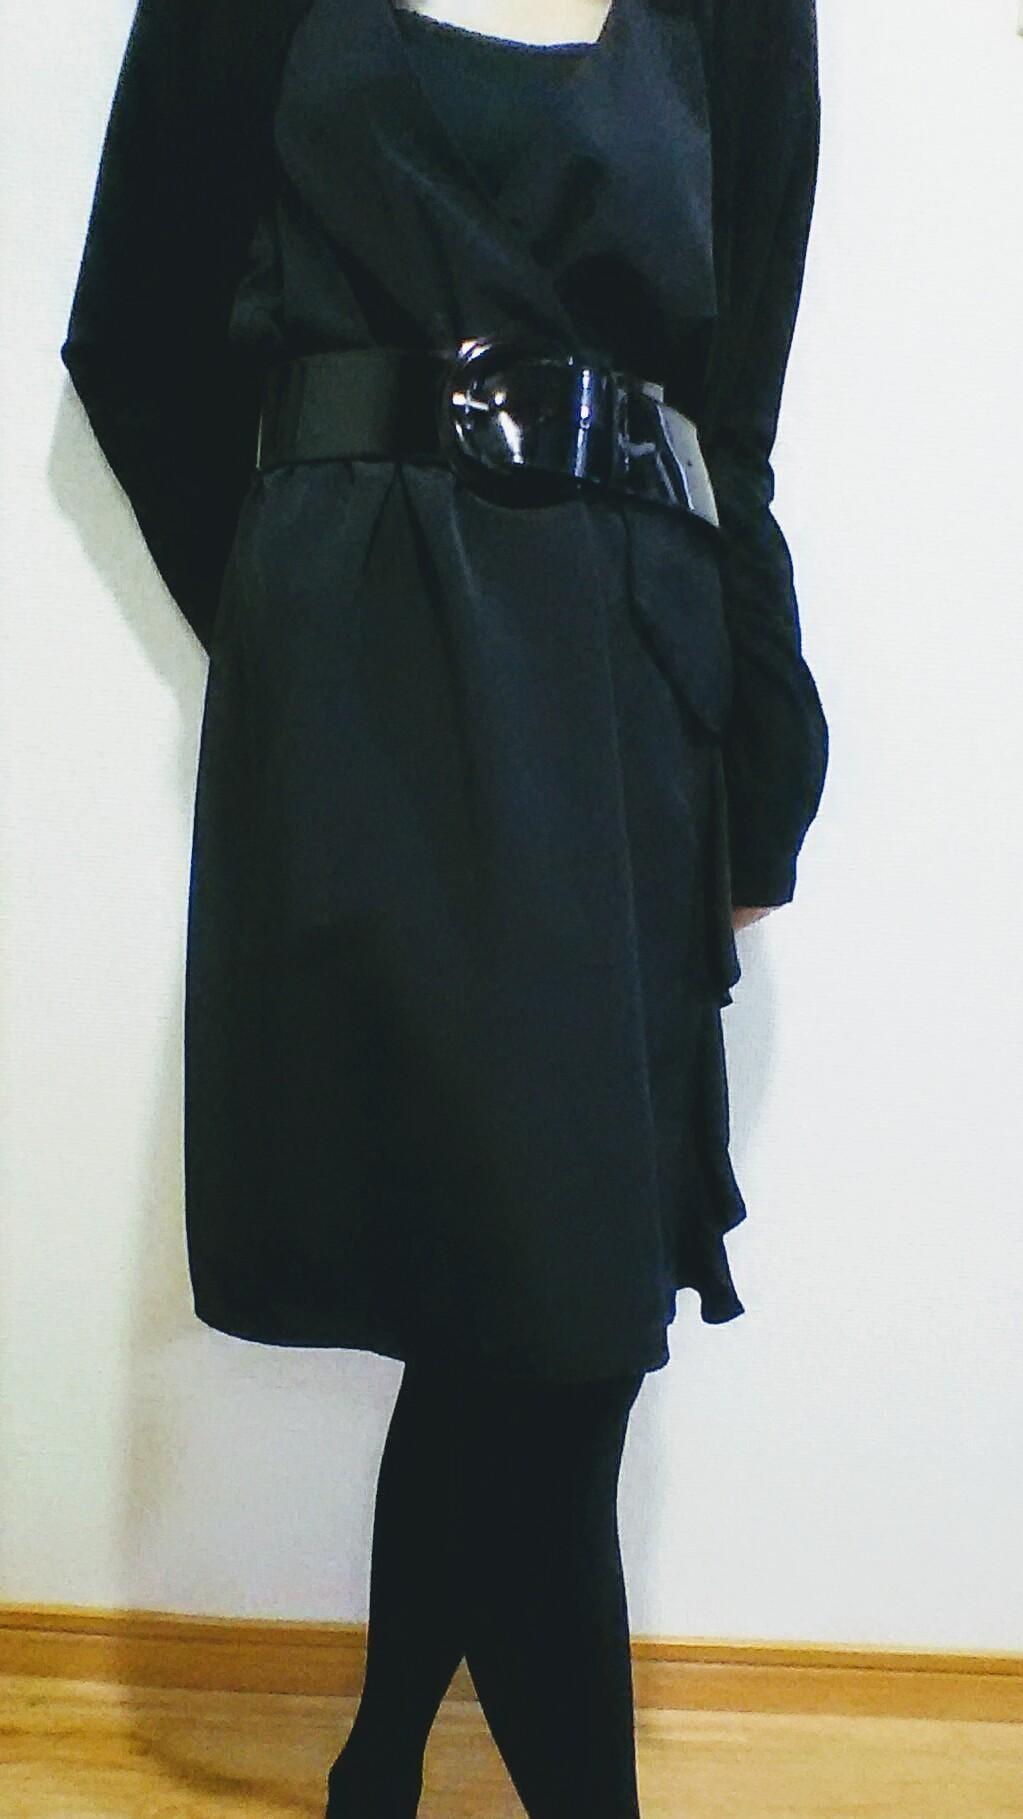 あさひ「お礼です?」10/21(土) 22:15   あさひの写メ・風俗動画